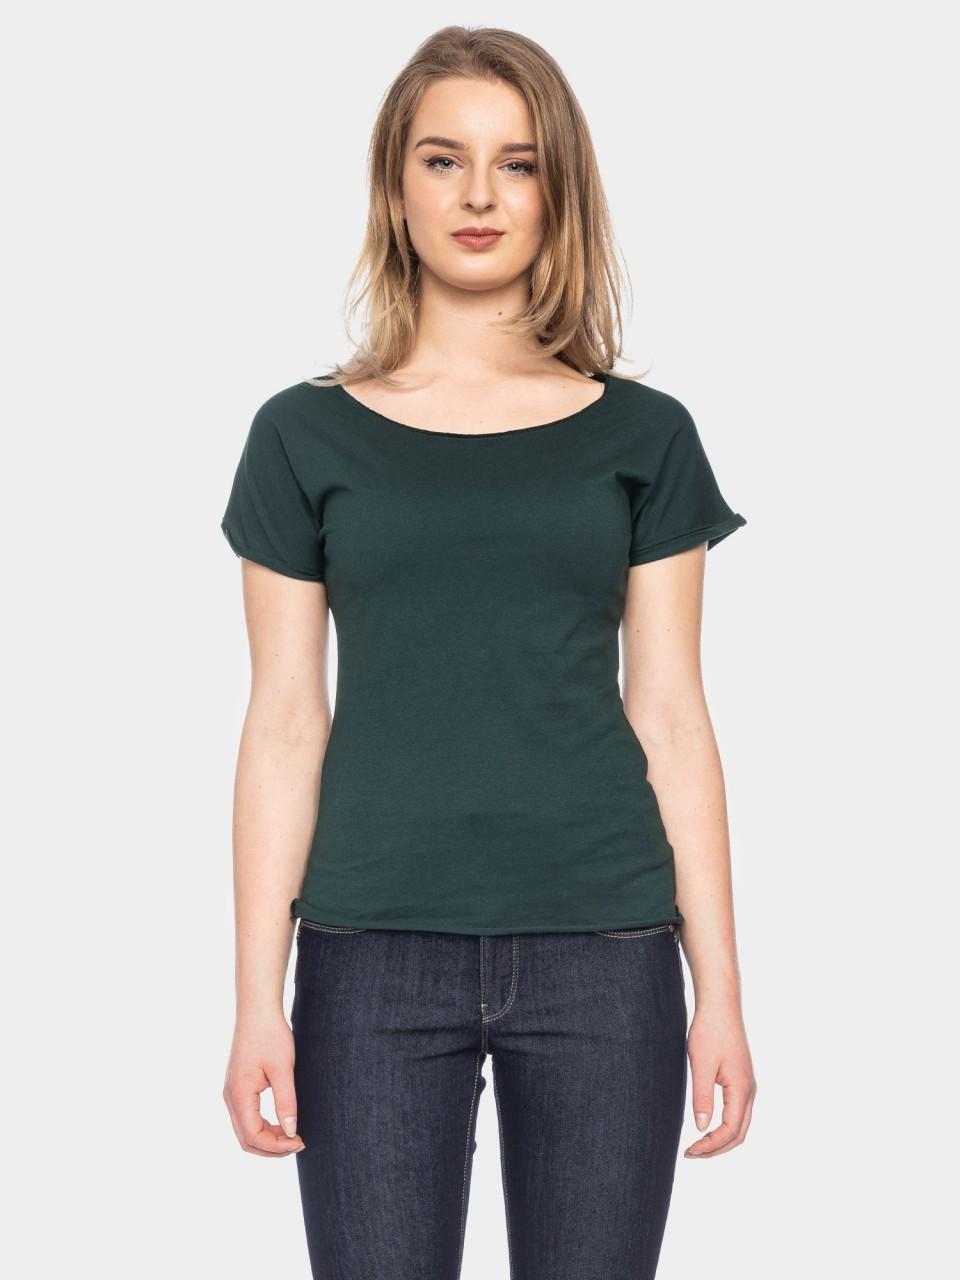 Shirt Cleo GOTS OC DGRN